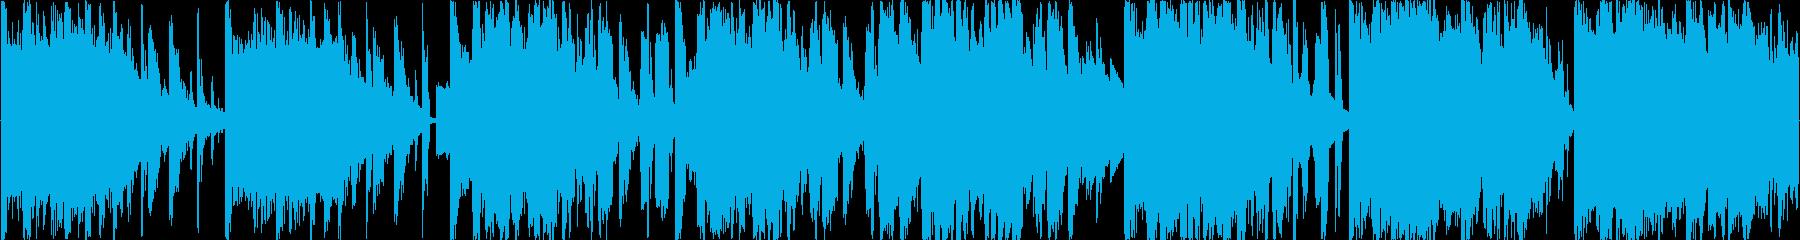 ややクセのある不穏な空気演出系エレクトロの再生済みの波形